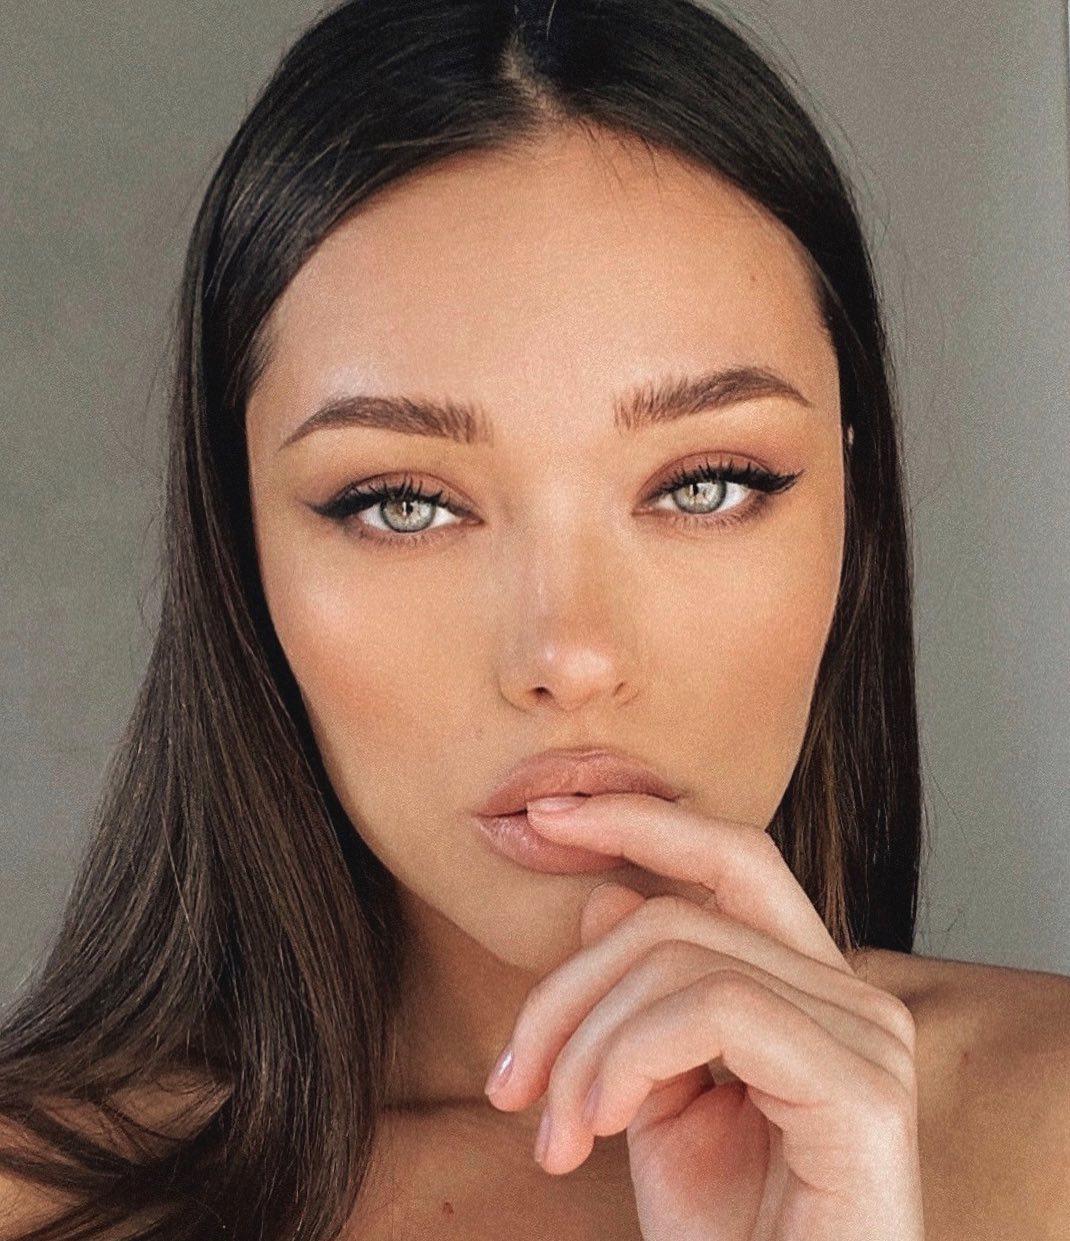 Natali-Danish